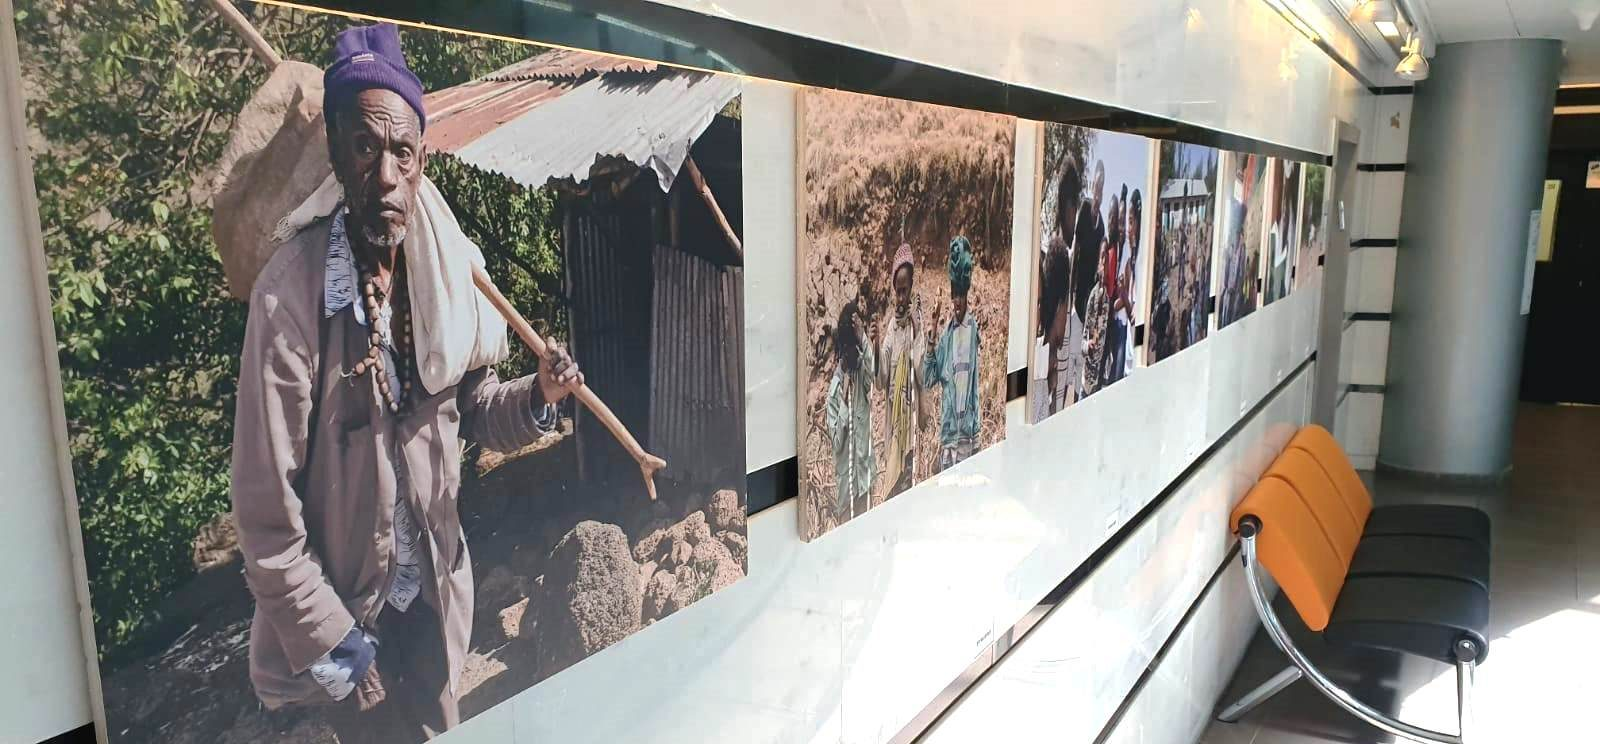 התערוכה בבניין העירייה